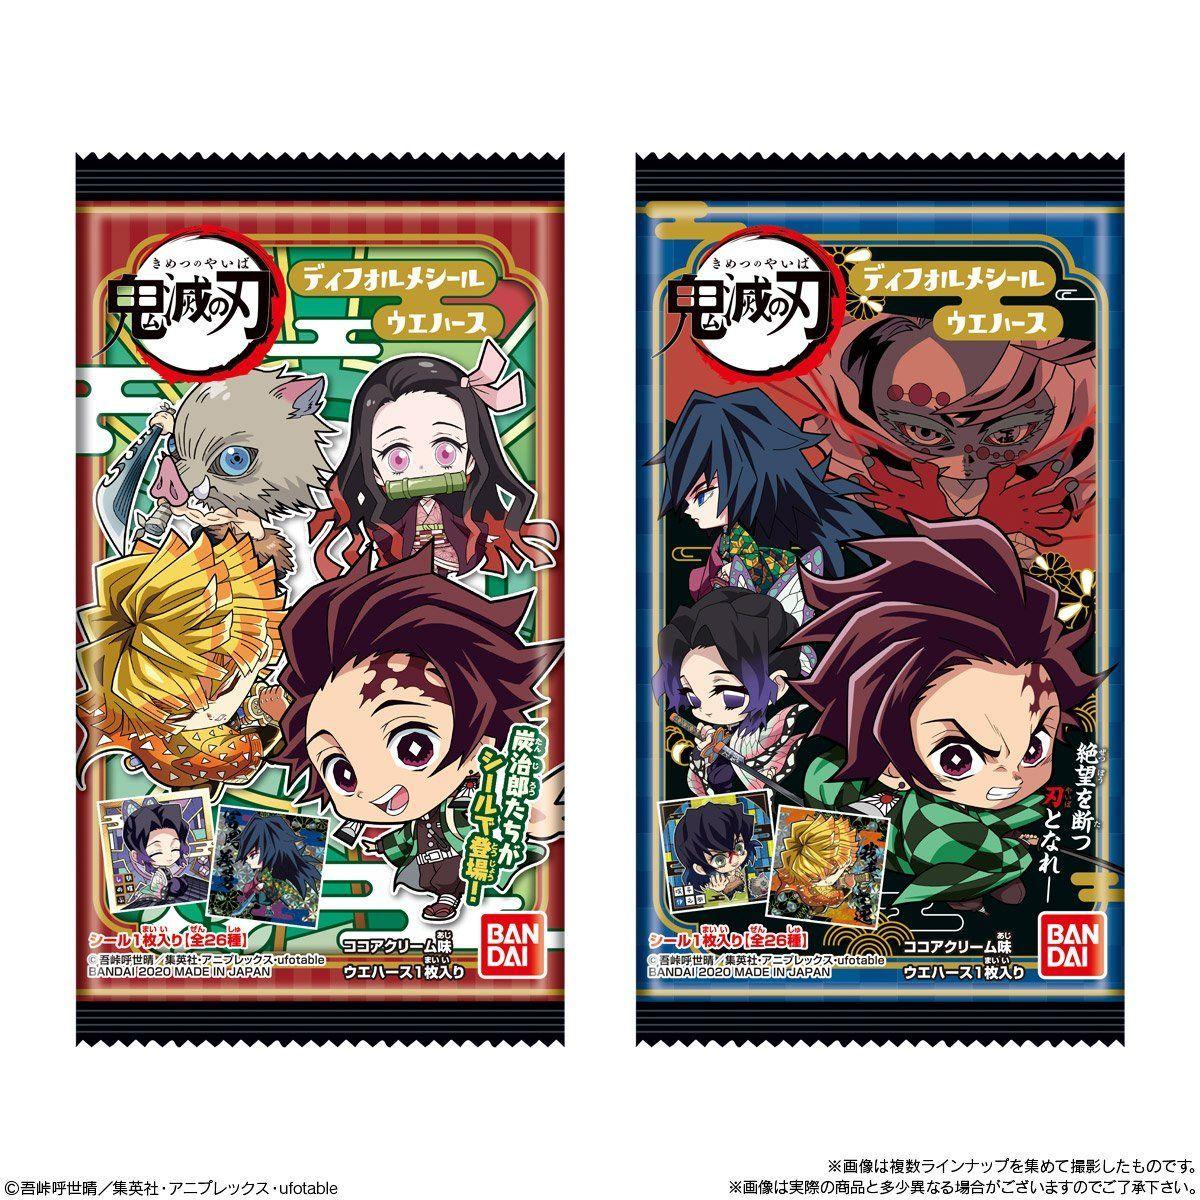 【再販】【食玩】鬼滅の刃『ディフォルメシールウエハース』20個入りBOX-006